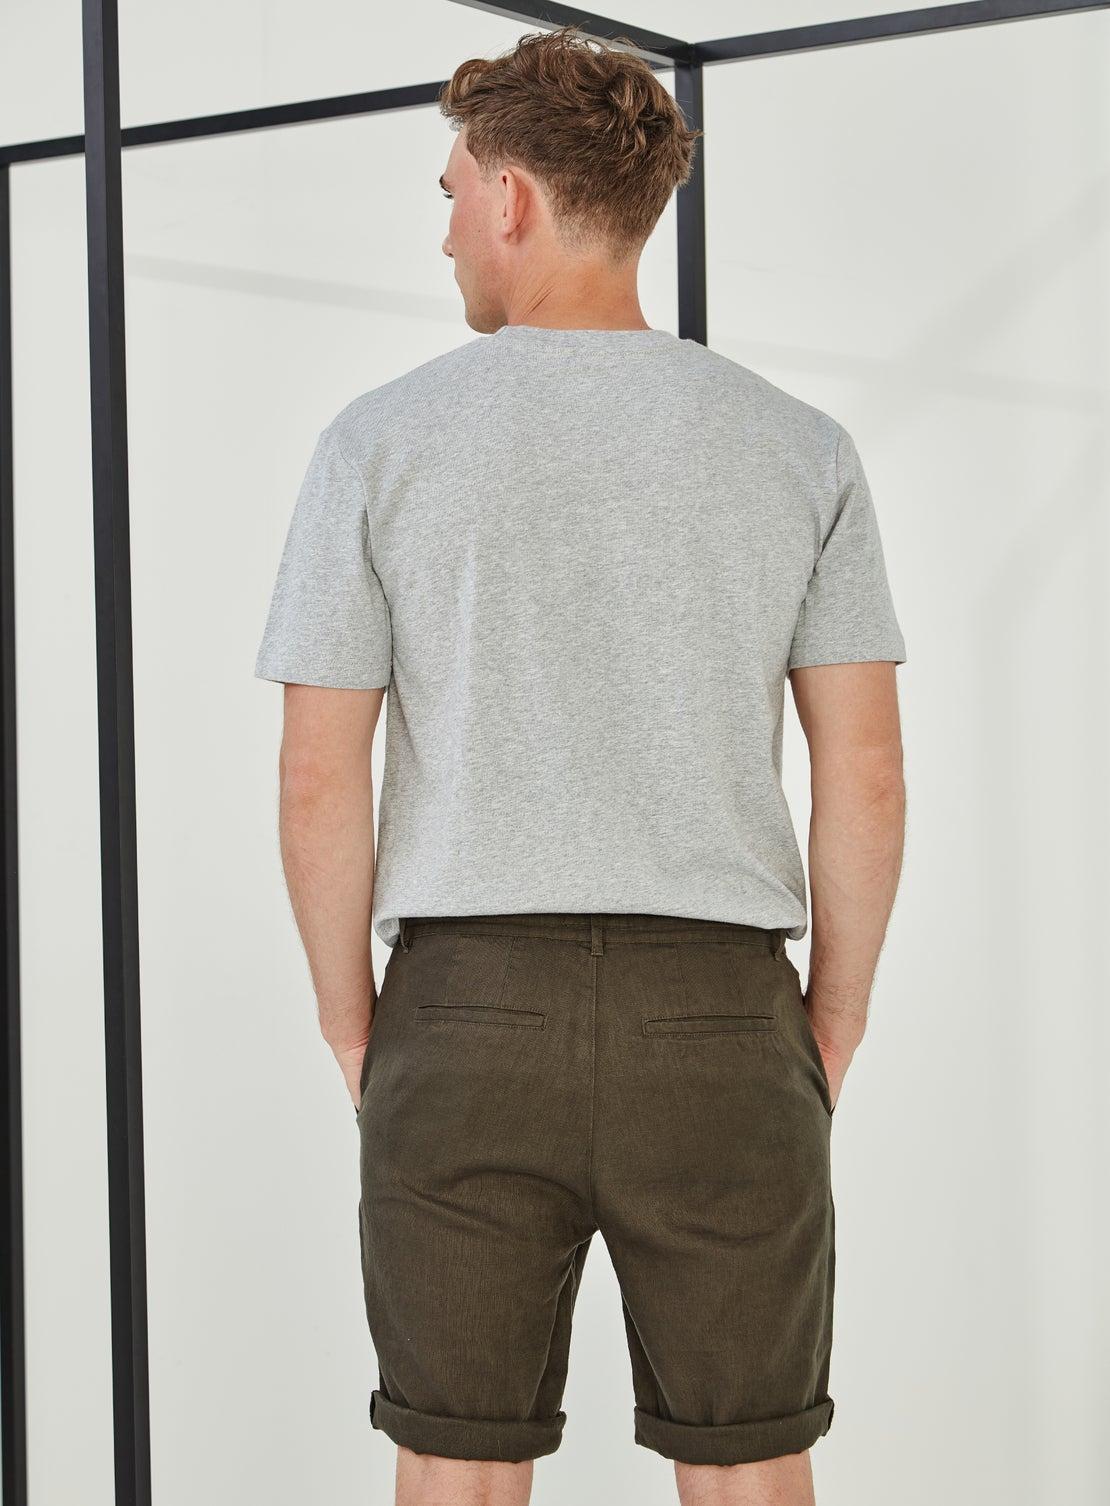 Green Linen Drawstring Short